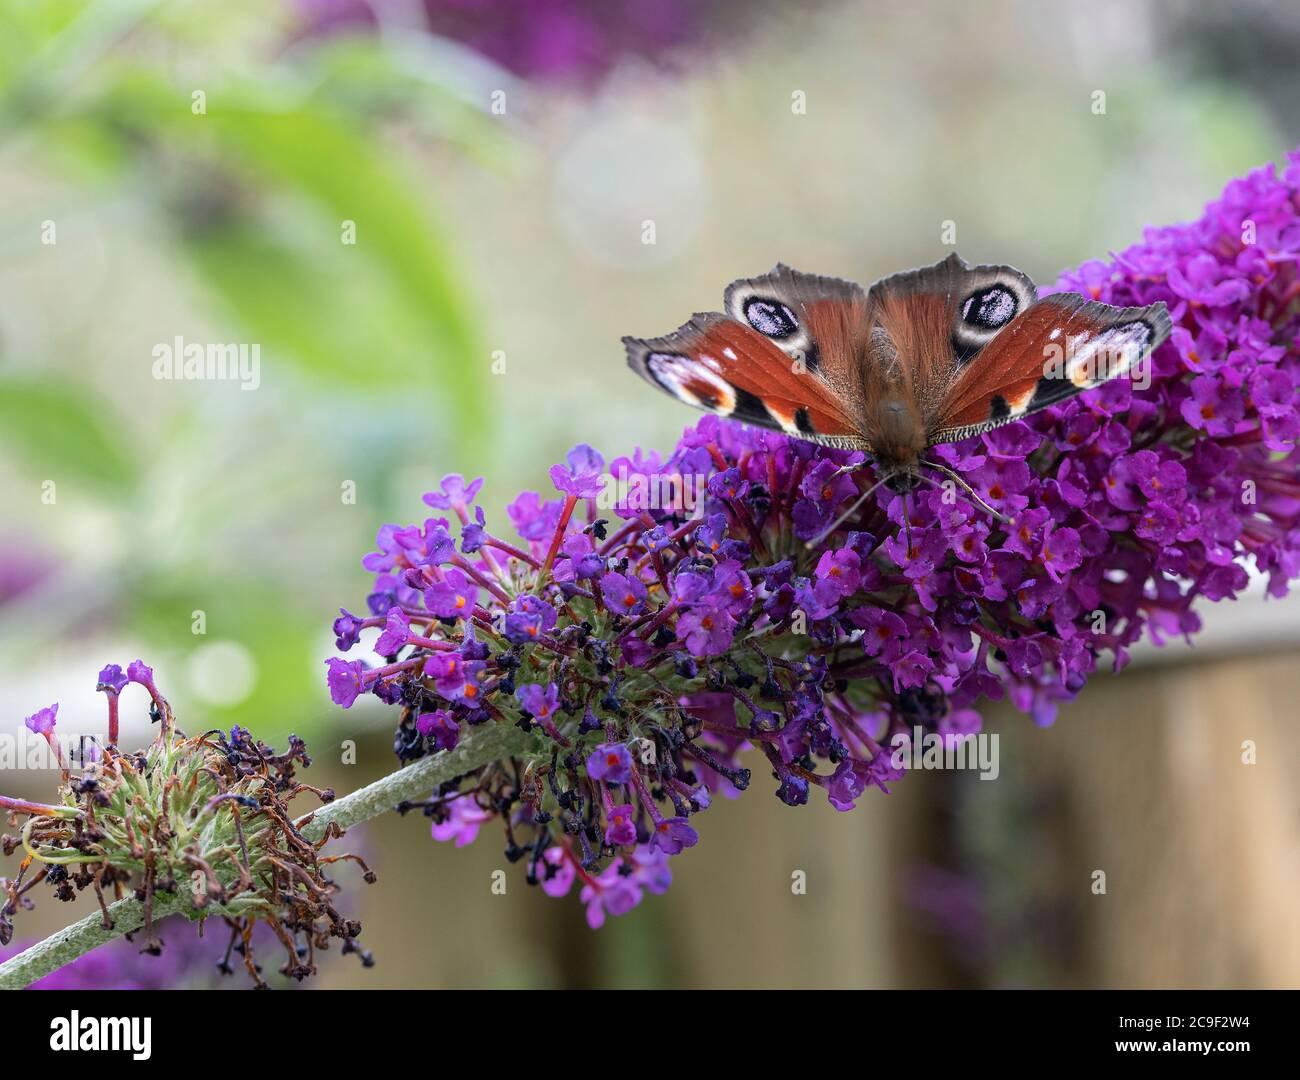 Una hermosa mariposa de pavo real alimentándose del néctar en una flor púrpura de Buddleja en un jardín en Allager Cheshire Inglaterra Reino Unido Foto de stock